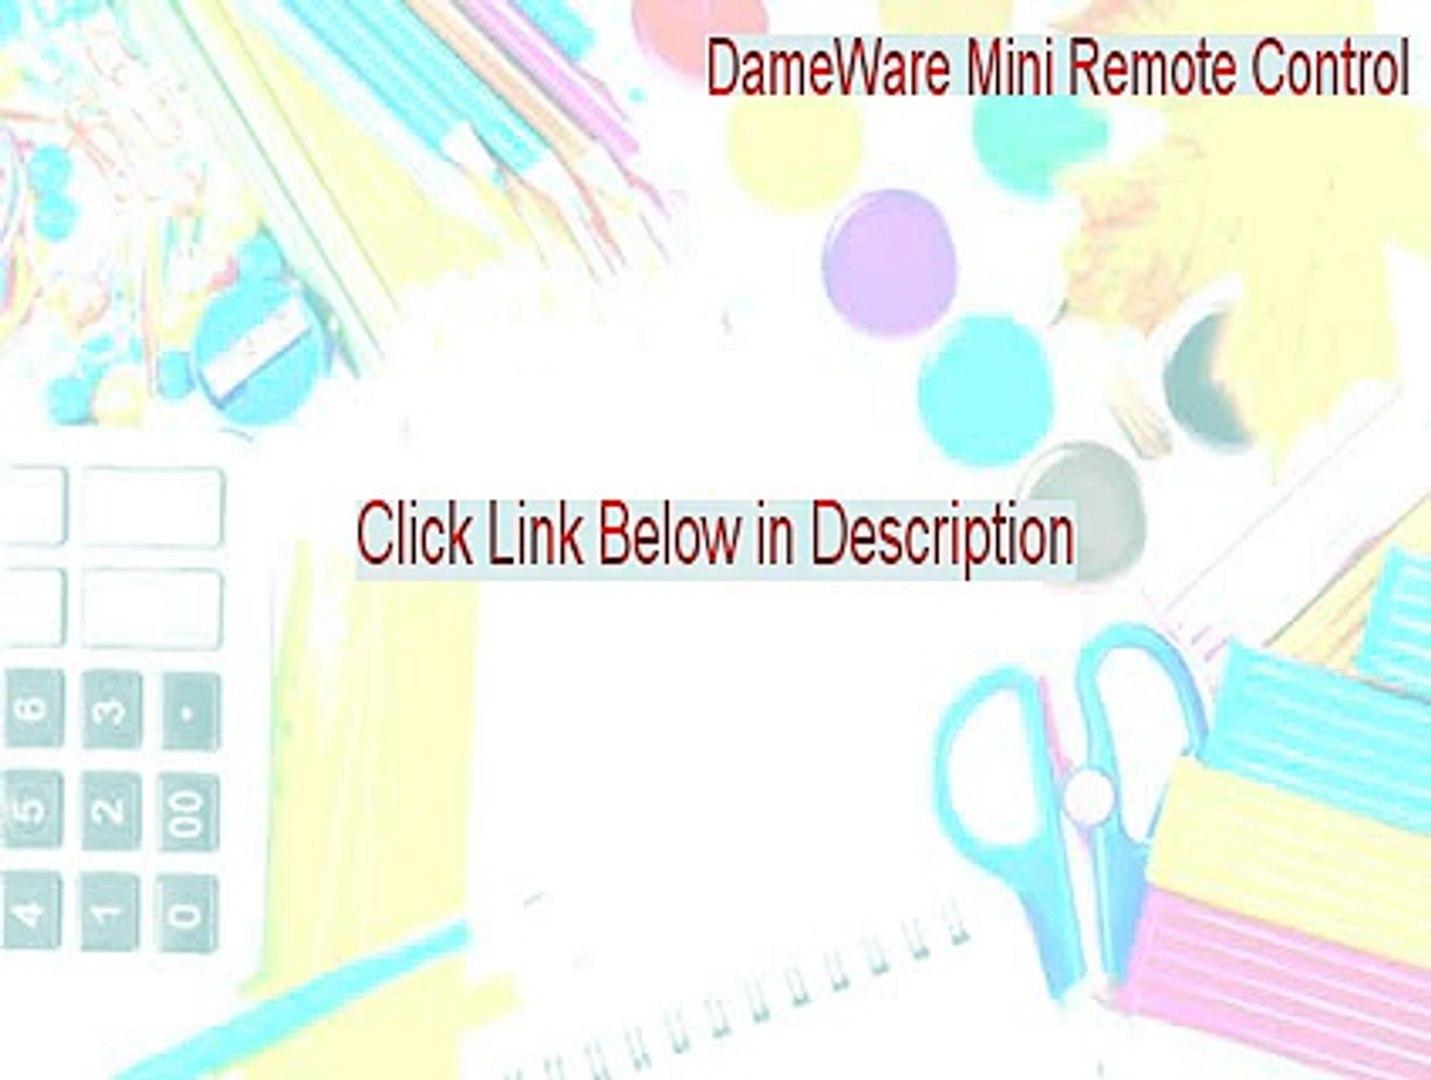 DameWare Mini Remote Control (64-bit) Serial - dameware mini remote control  crack 2015